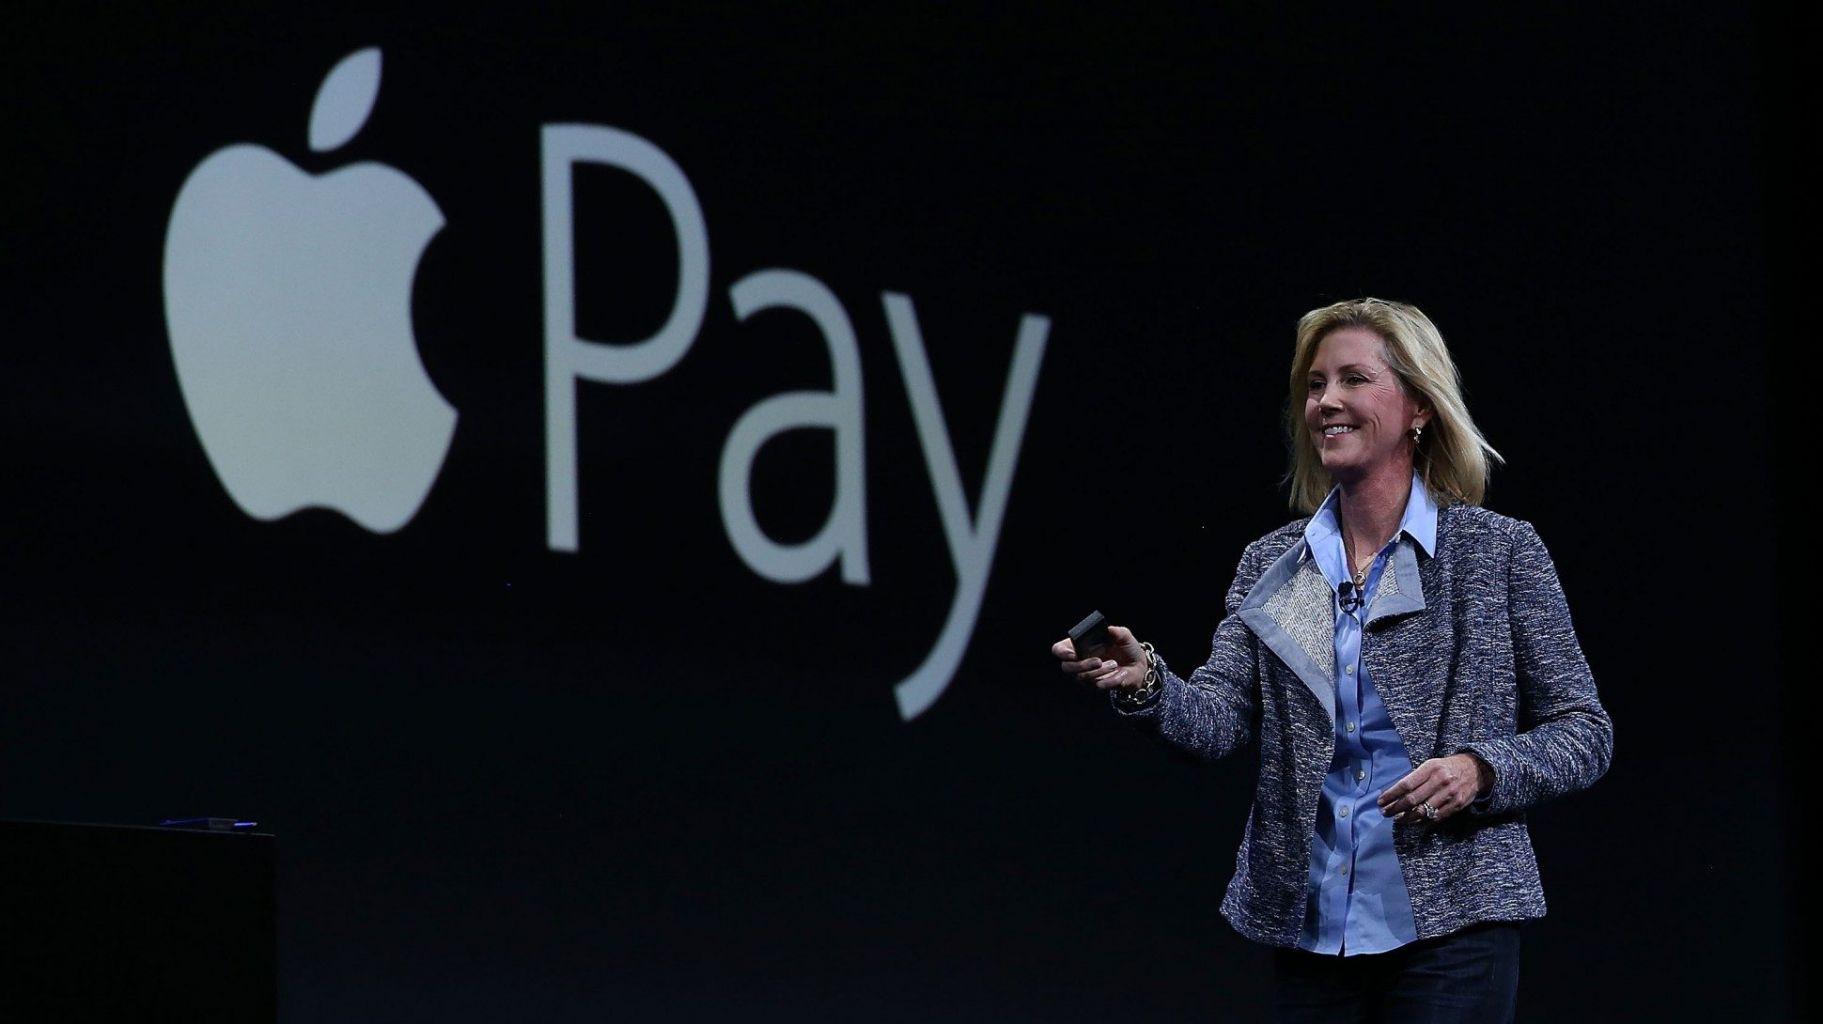 苹果 Apple Pay 负责人将在 TRANSACT 大会进行演讲